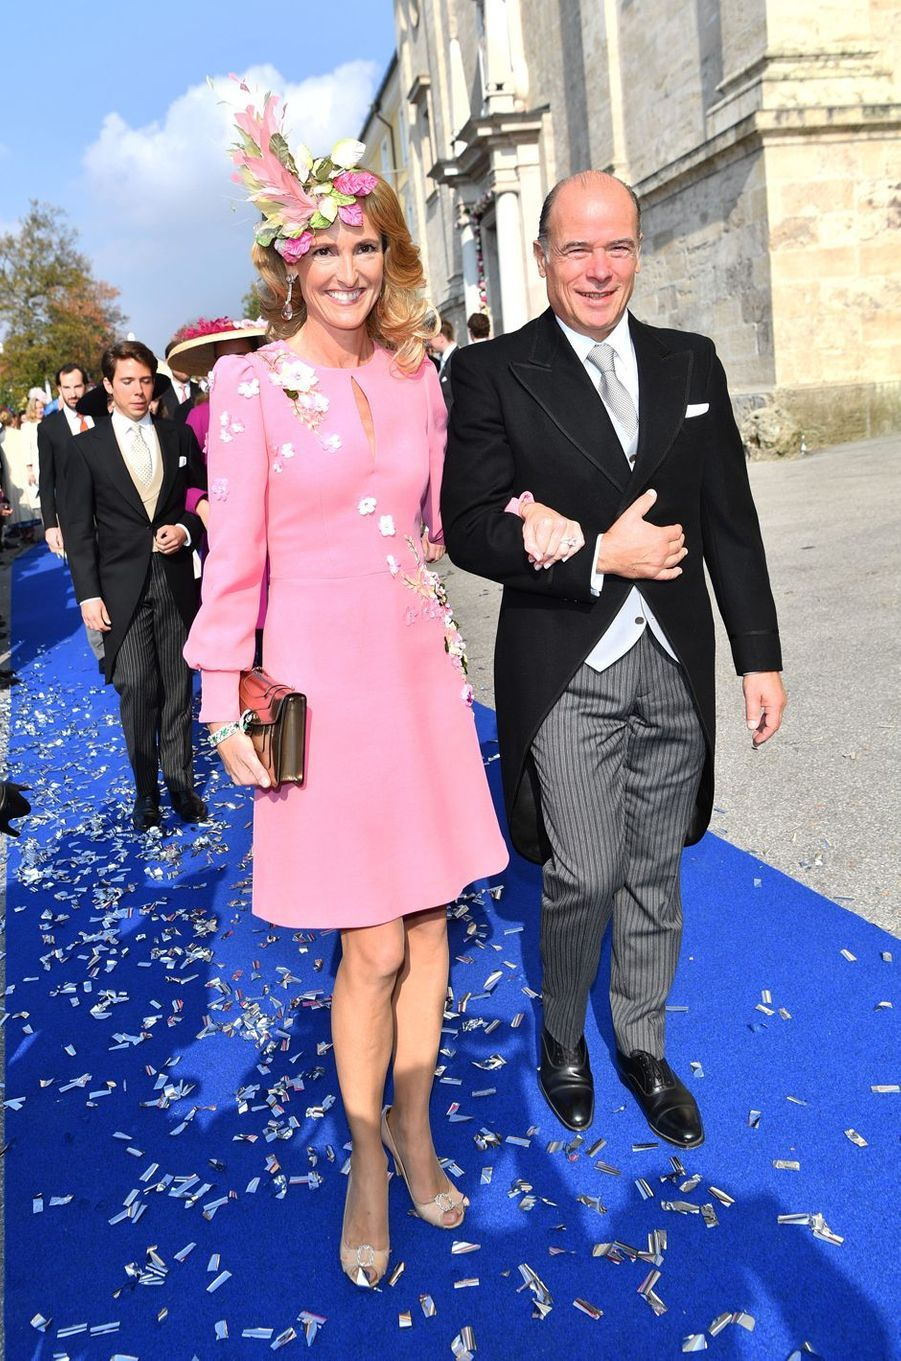 La mère de la duchesse Sophie de Wurtemberg et le père du comte Maximilien d'Andigné à Tegernsee, le 20 octobre 2018